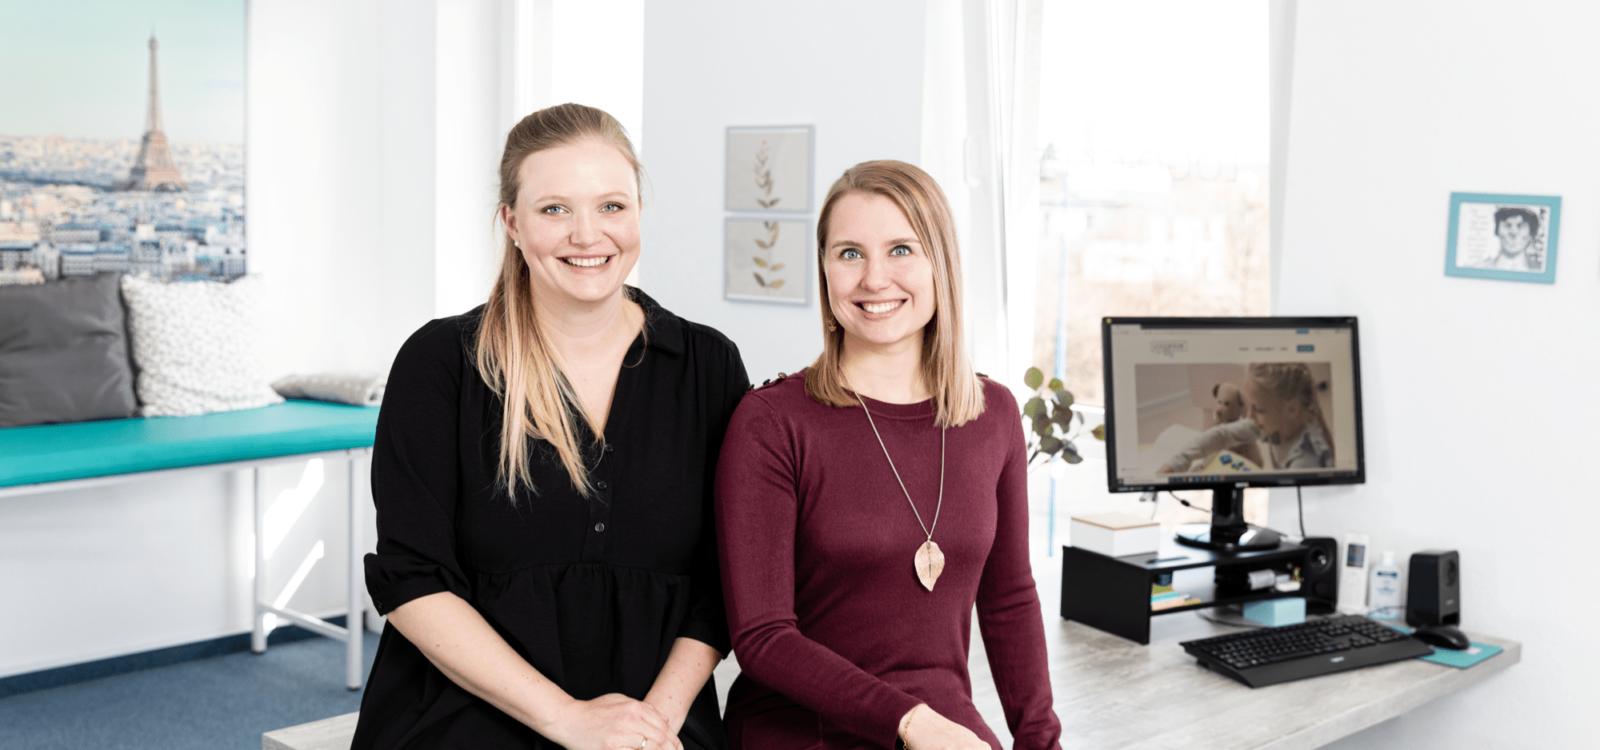 Pia Ohm & Annika Kürschner im Besprechungsraum